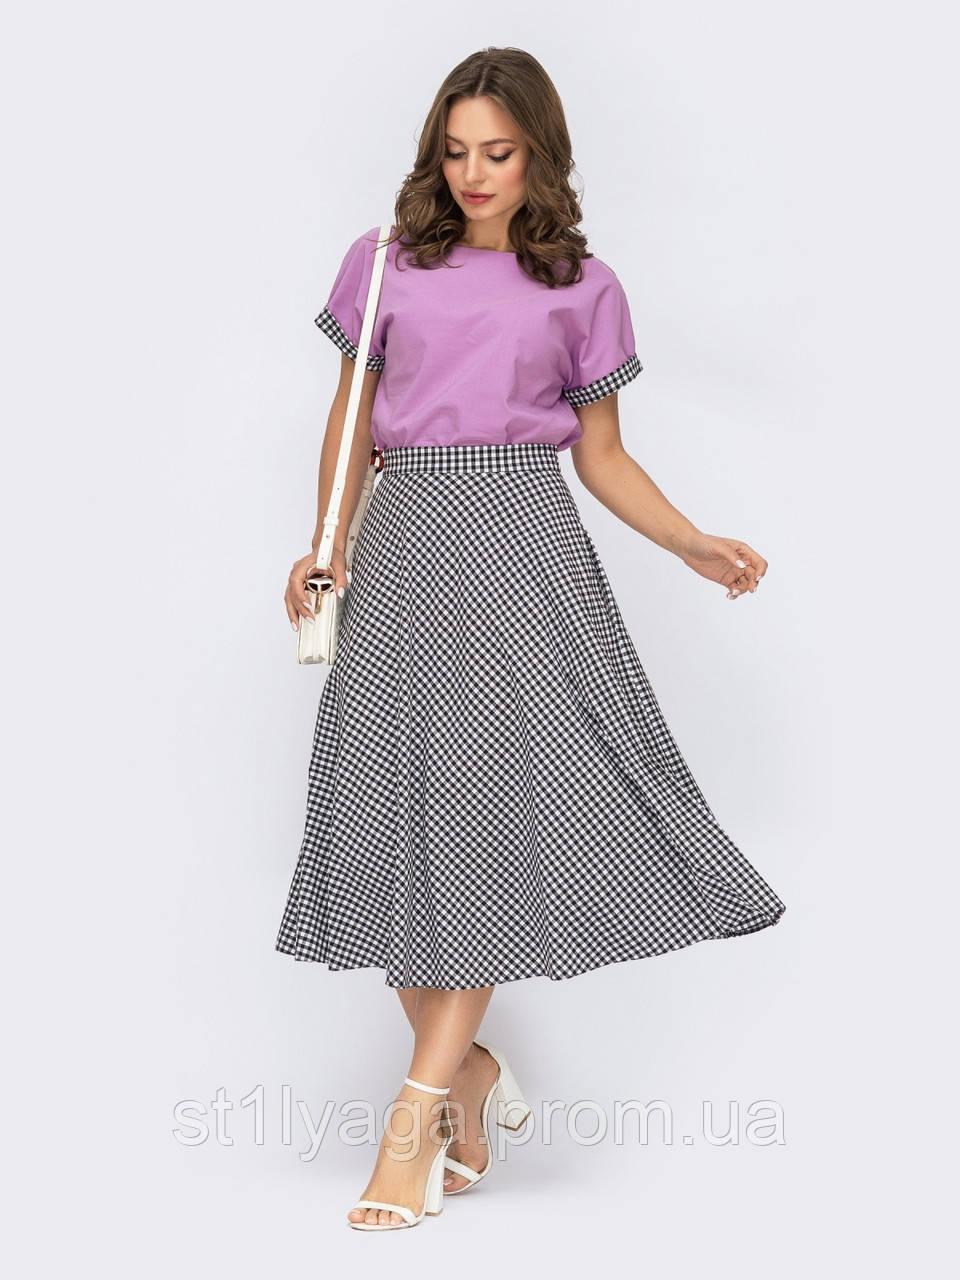 Костюм с блузкой и юбкой в фиолетовом цвете ЛЕТО